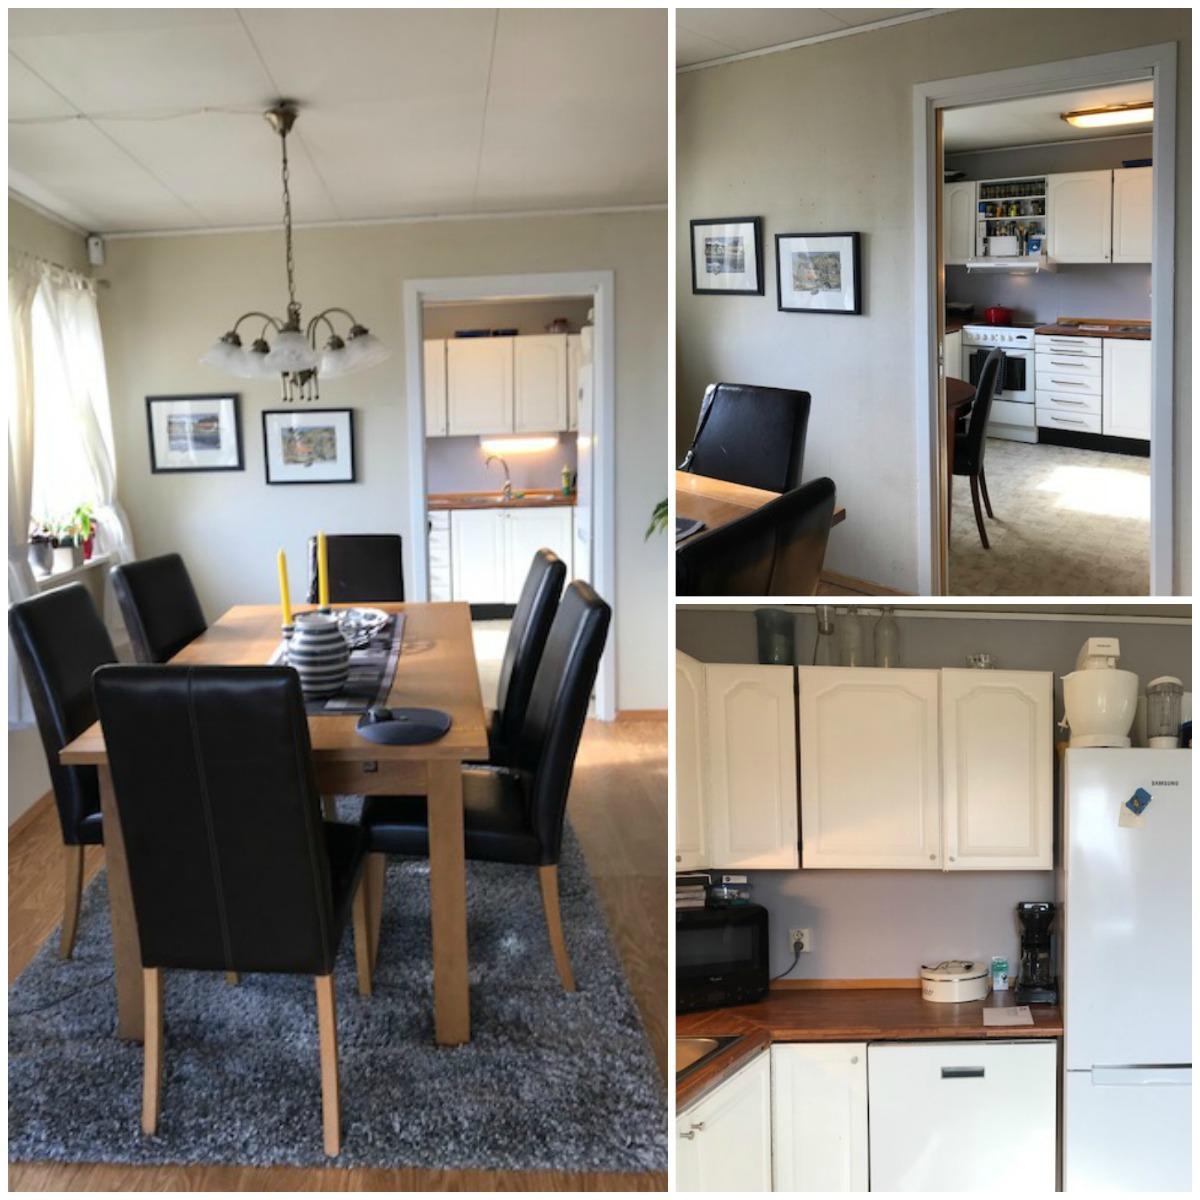 Kjøkken og stue før veggen tas ned